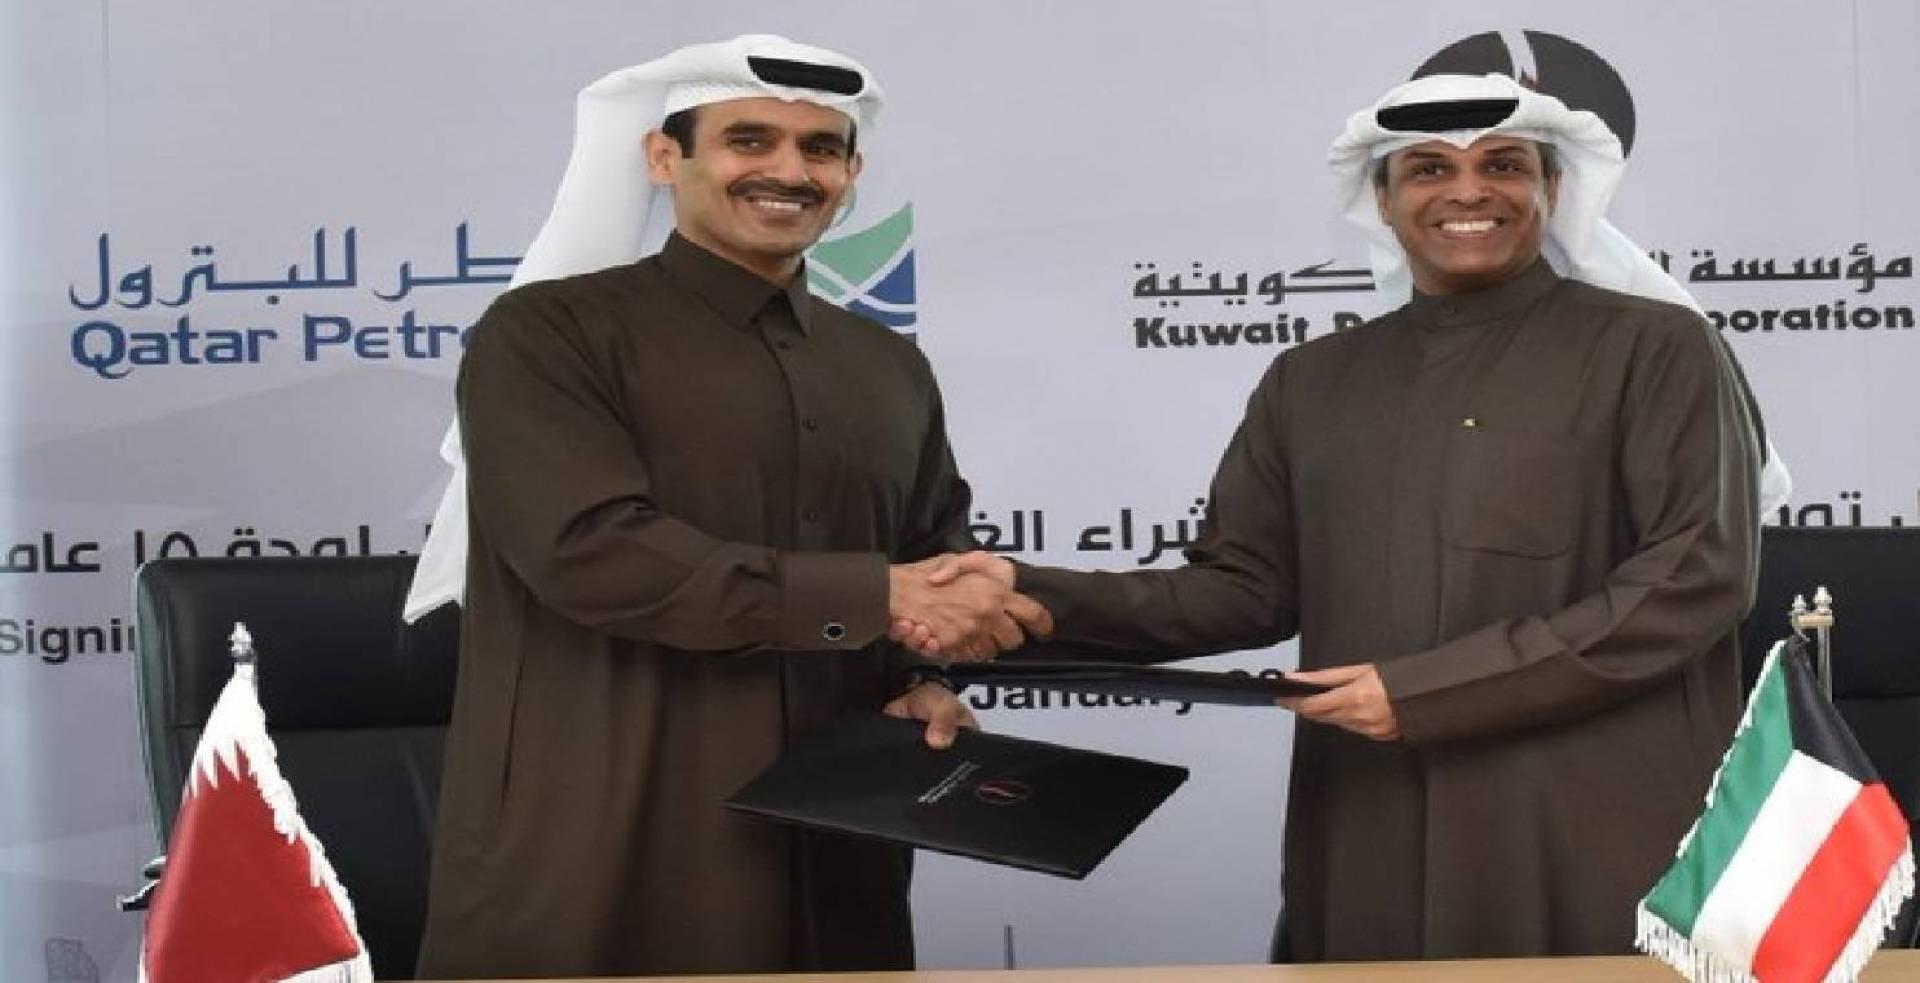 اتفاقية مع قطر لاستيراد 3 ملايين طن من الغاز سنويًا.. لمدة 15 عامًا